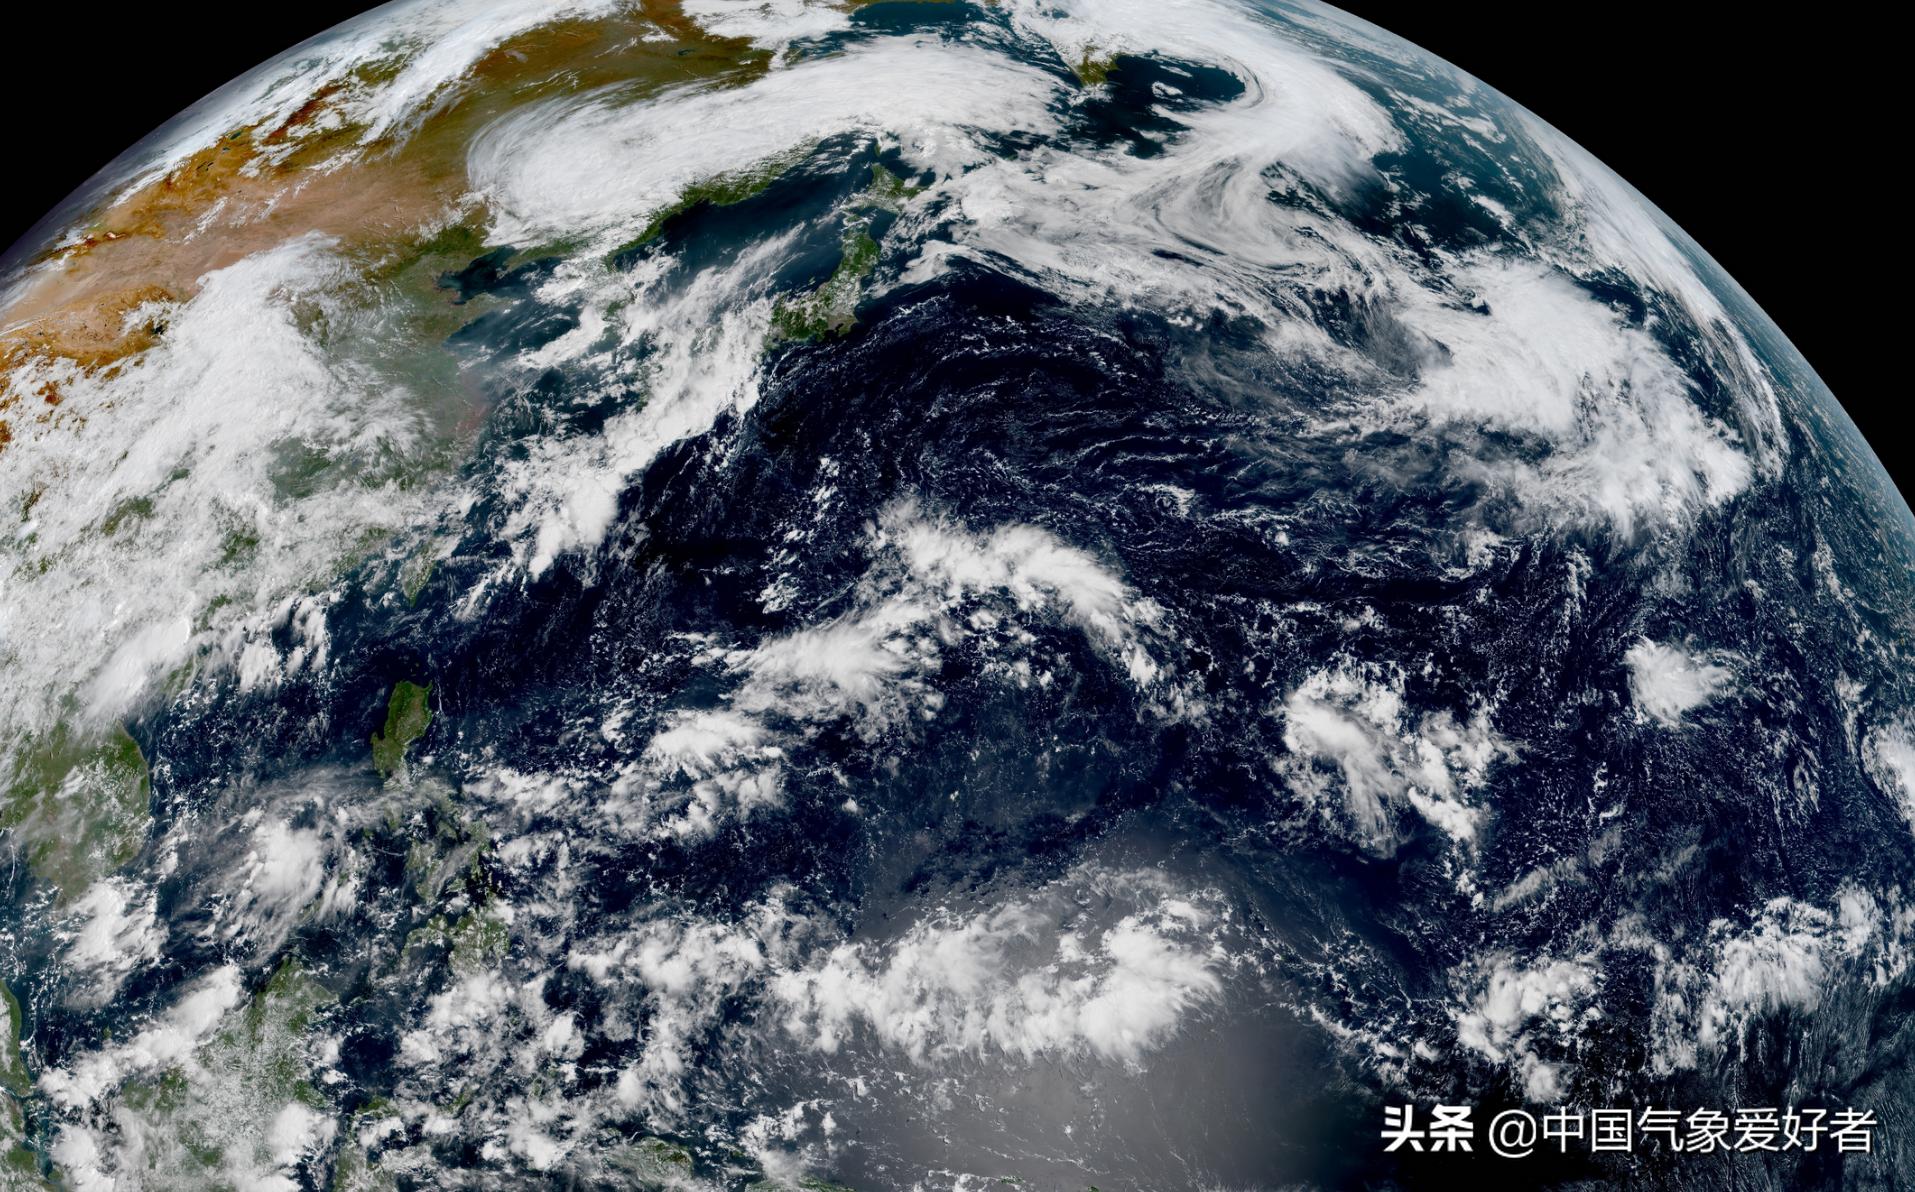 11号台风红霞要来了?分析:没有依据,太平洋台风将进入低潮期